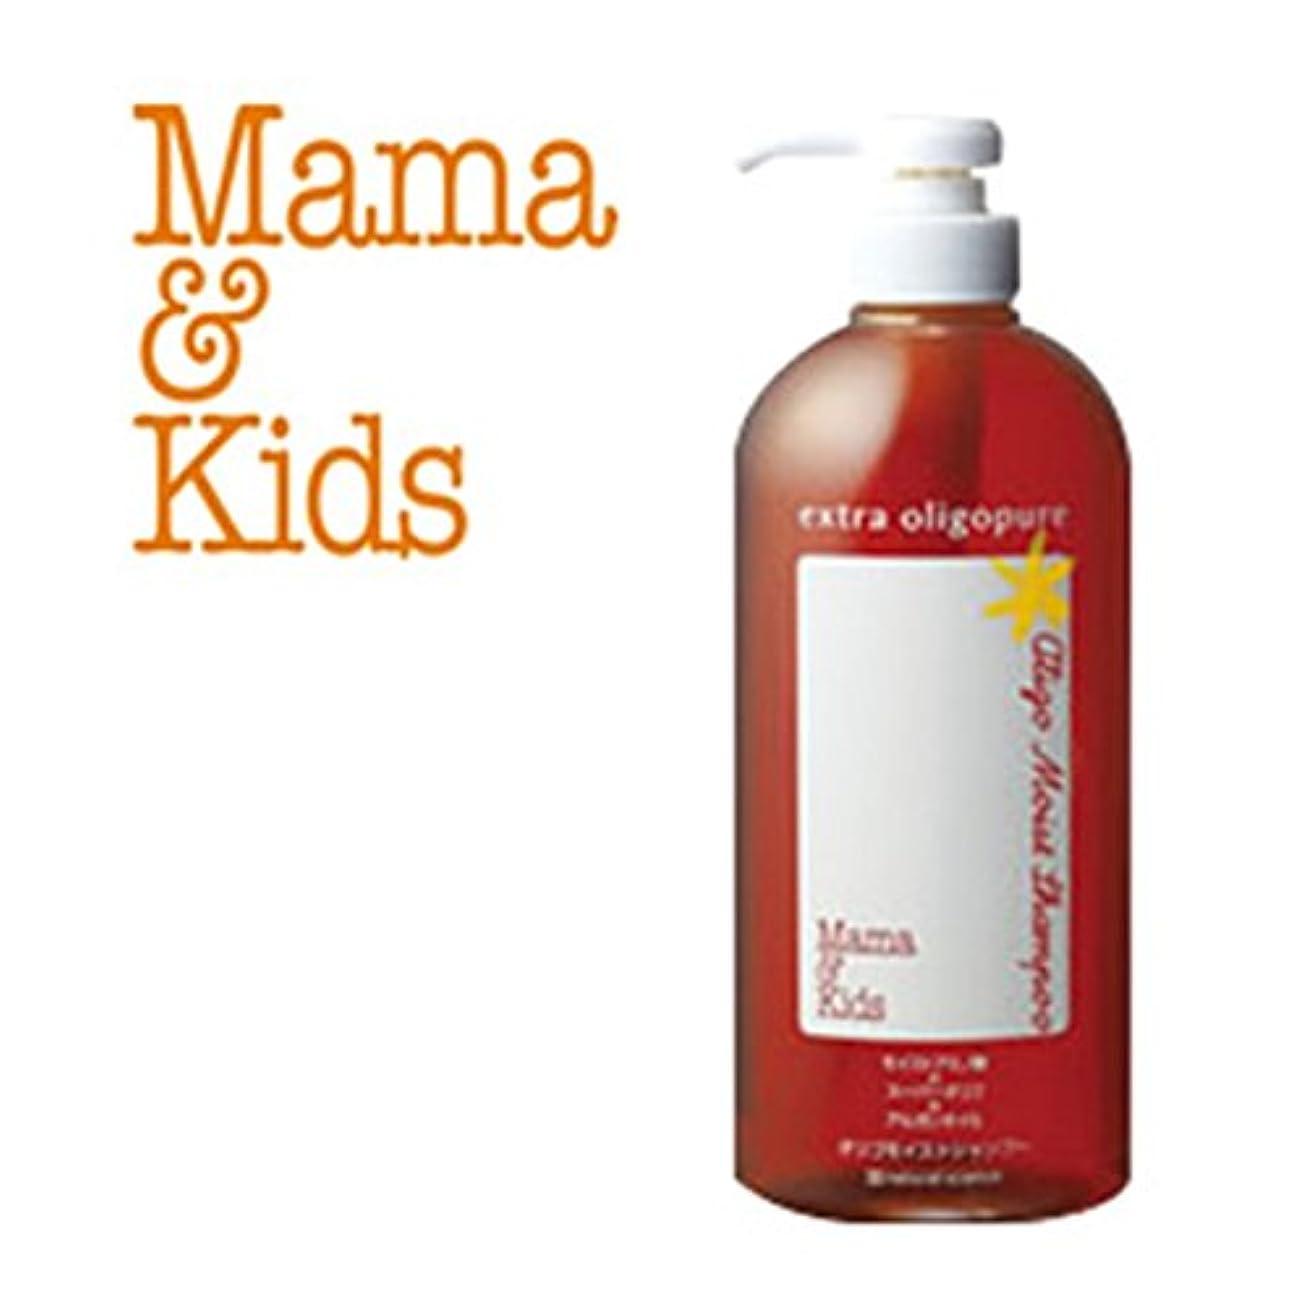 受粉する面積割れ目ママ&キッズ オリゴモイストシャンプー720ML/Mama&Kids Oligo Moist Shampoo/洗发水